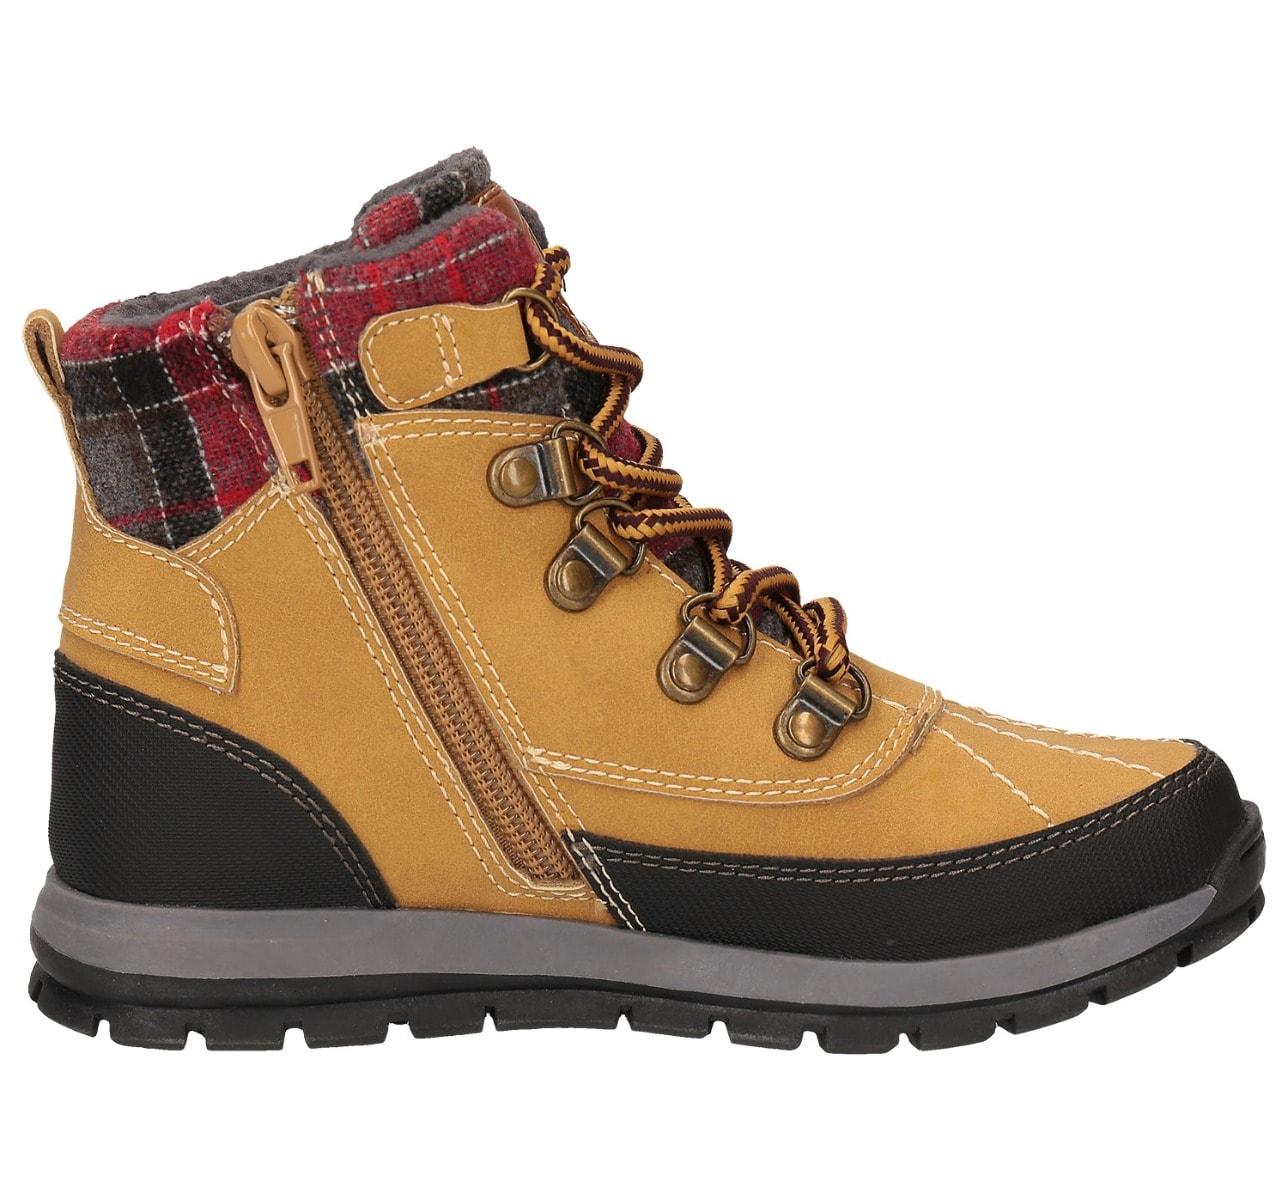 Buty jesienne dla dużych dzieci (chłopców) JOBMA202 – żółty allover